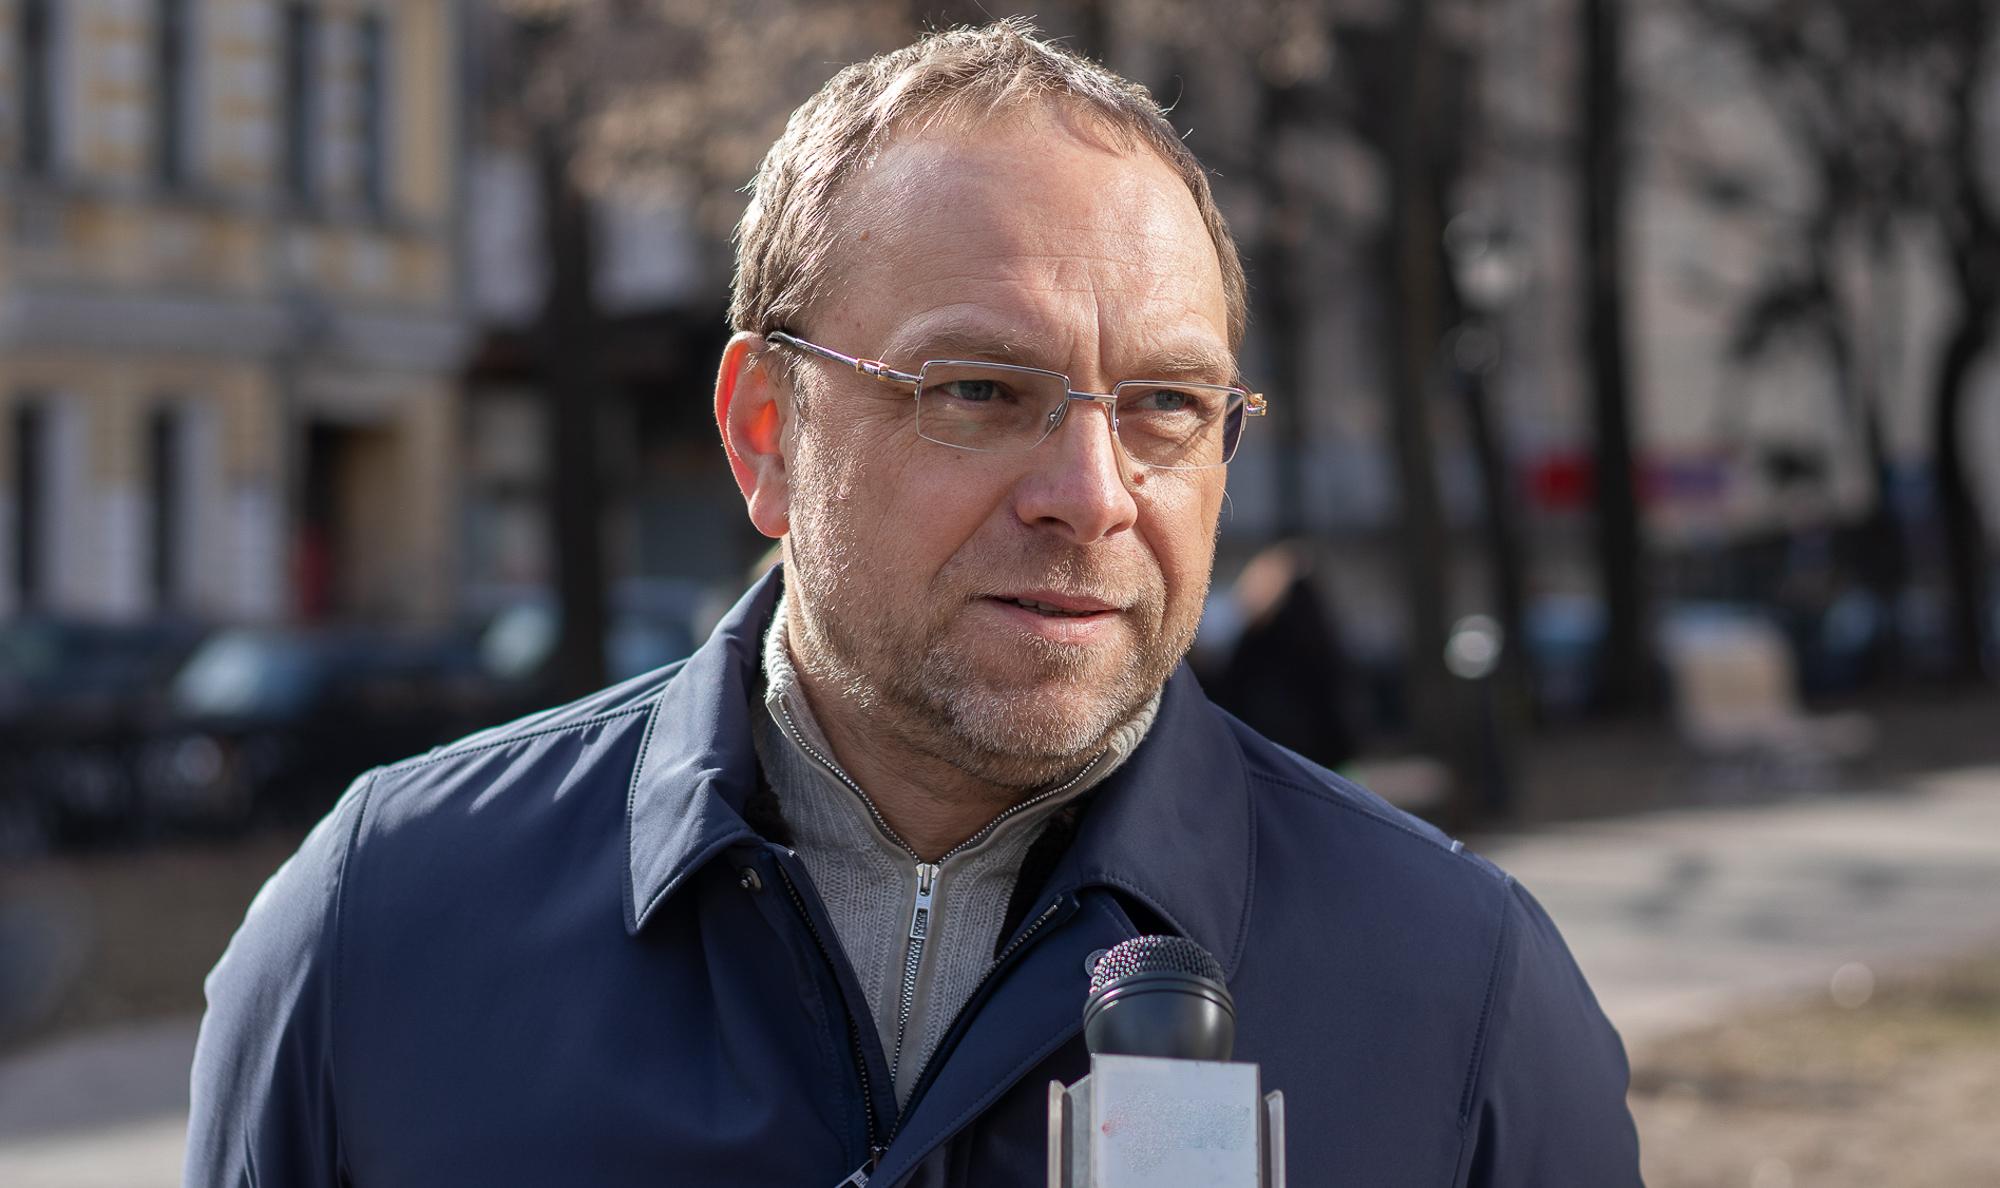 Сергій Власенко: «Ефективна пенсійна реформа неможлива без запуску економіки»